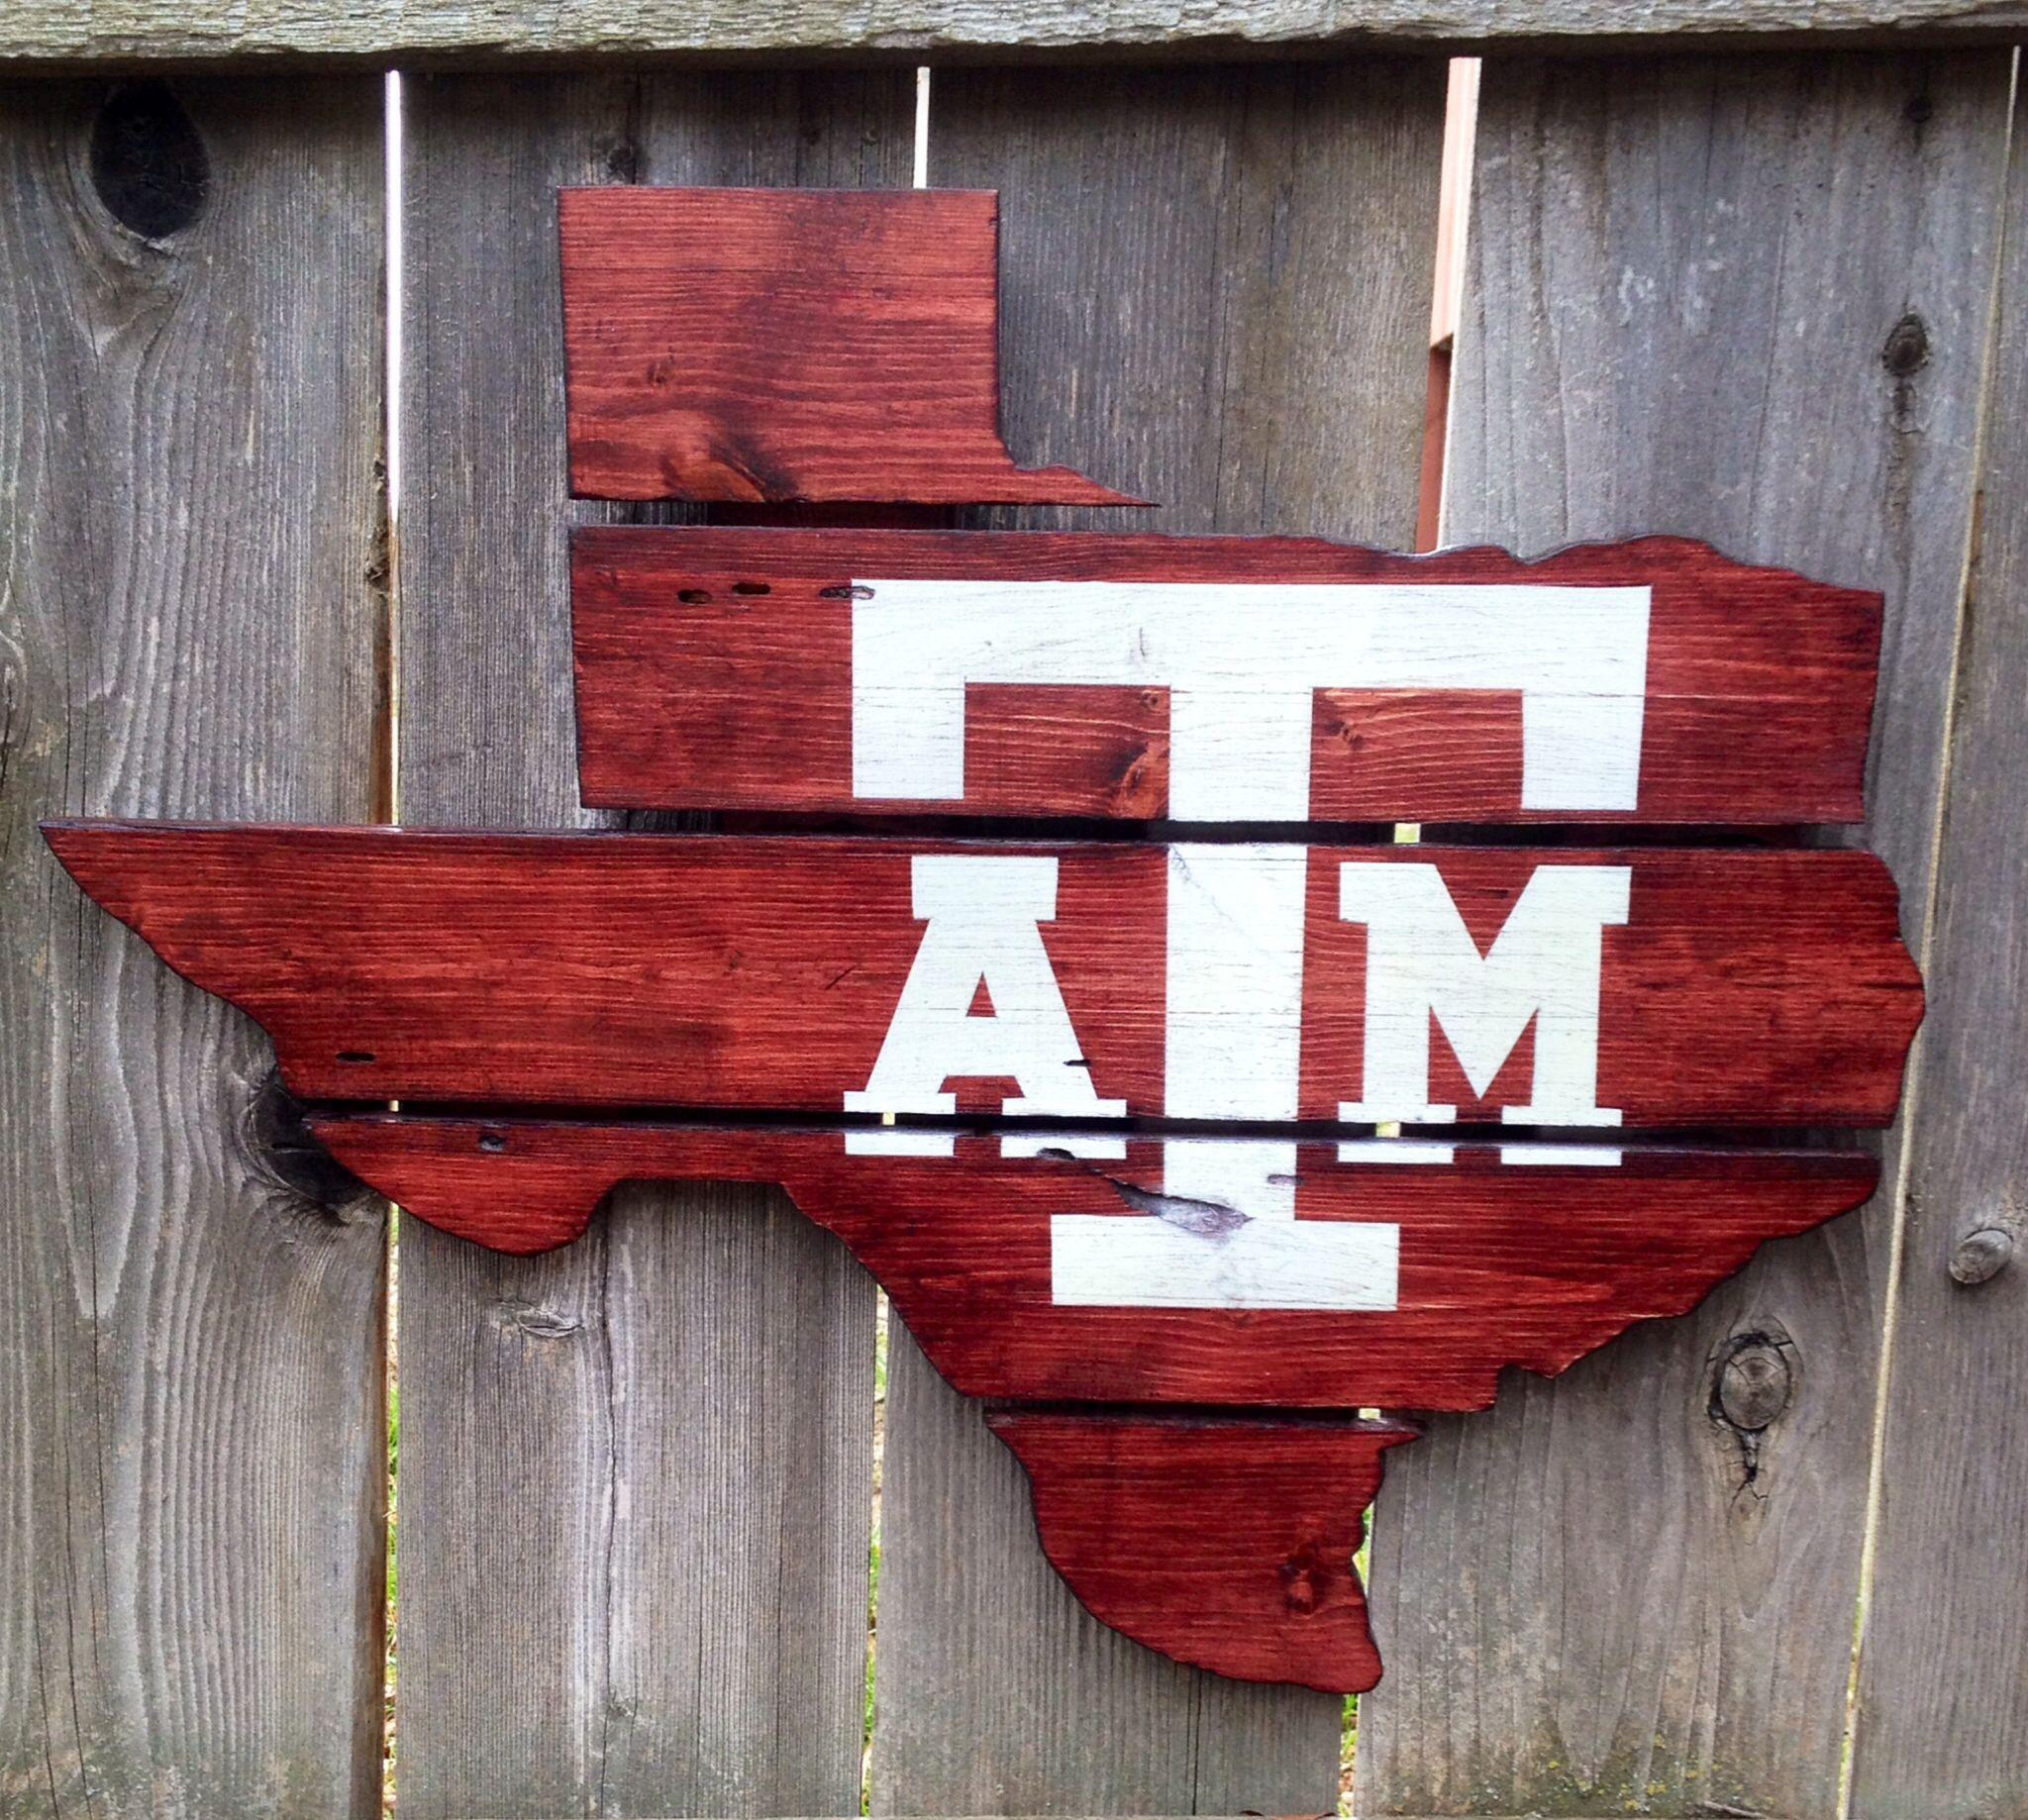 Texas AampM Texas Aandm Texasaggies Aggies Atm